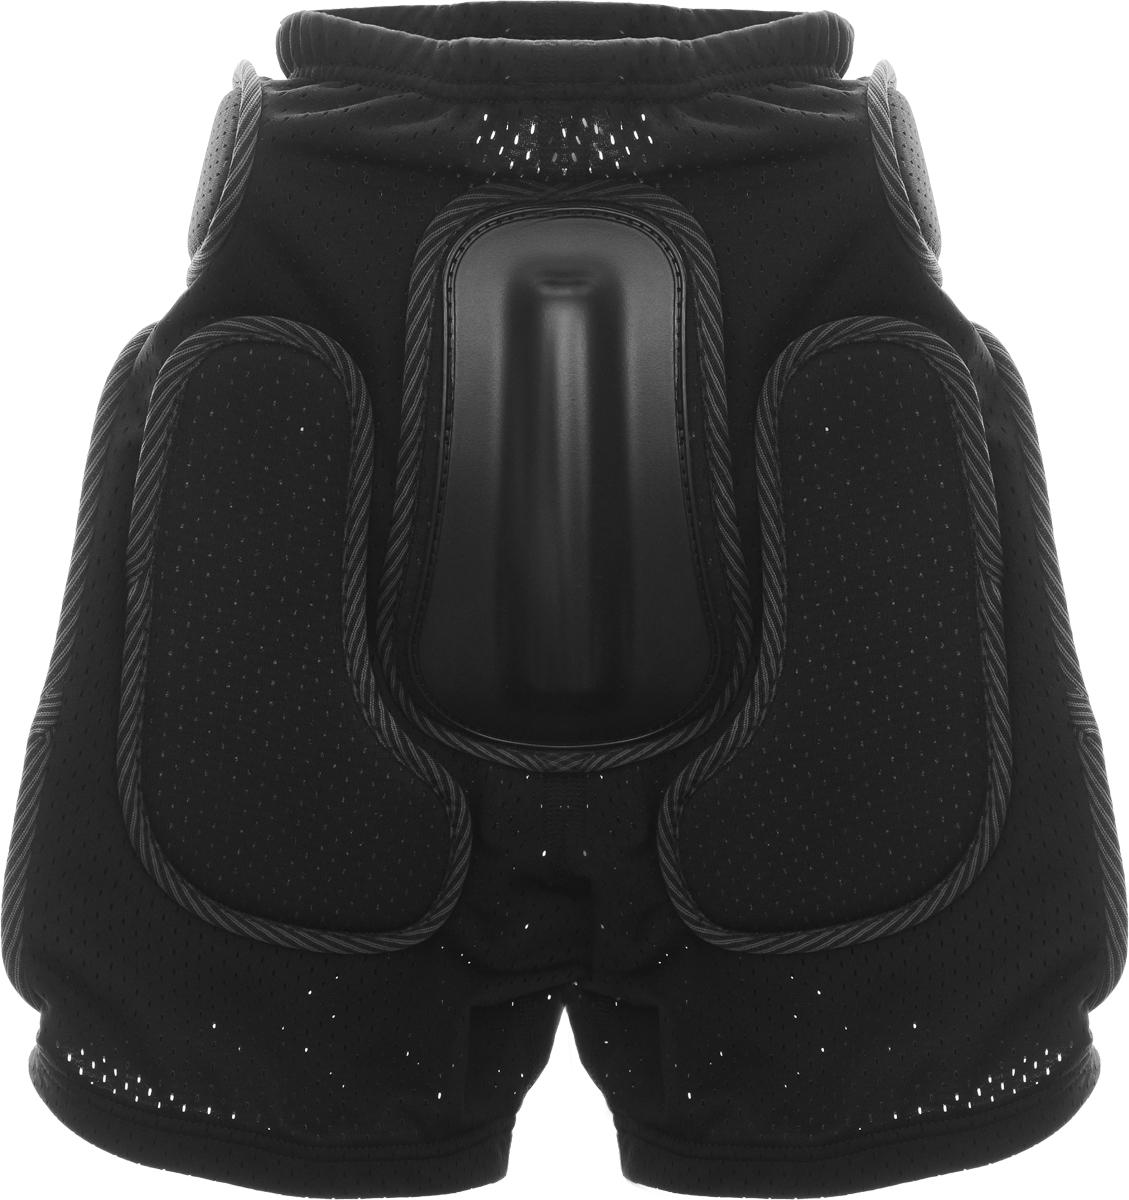 Шорты защитные Biont Комфорт, цвет: черный, размер XL231_002Защитные шорты Biont Комфорт - это необходимая часть снаряжения сноубордистов, любителей экстремального катания на роликах, байкеров, фанатов зимнего кайтинга. Шорты изготовлены из мягкой эластичной потовыводящей сетки с хорошей воздухопроницаемостью под накладками без остаточной деформации.Для обеспечения улучшенной вентиляции в шортах используется дышащая сетка спейсер. Комфортные защитные шорты Biont Комфорт идеальный выбор для любителей экстремального спорта. Толщина пластиковых накладок: 8-12 мм.